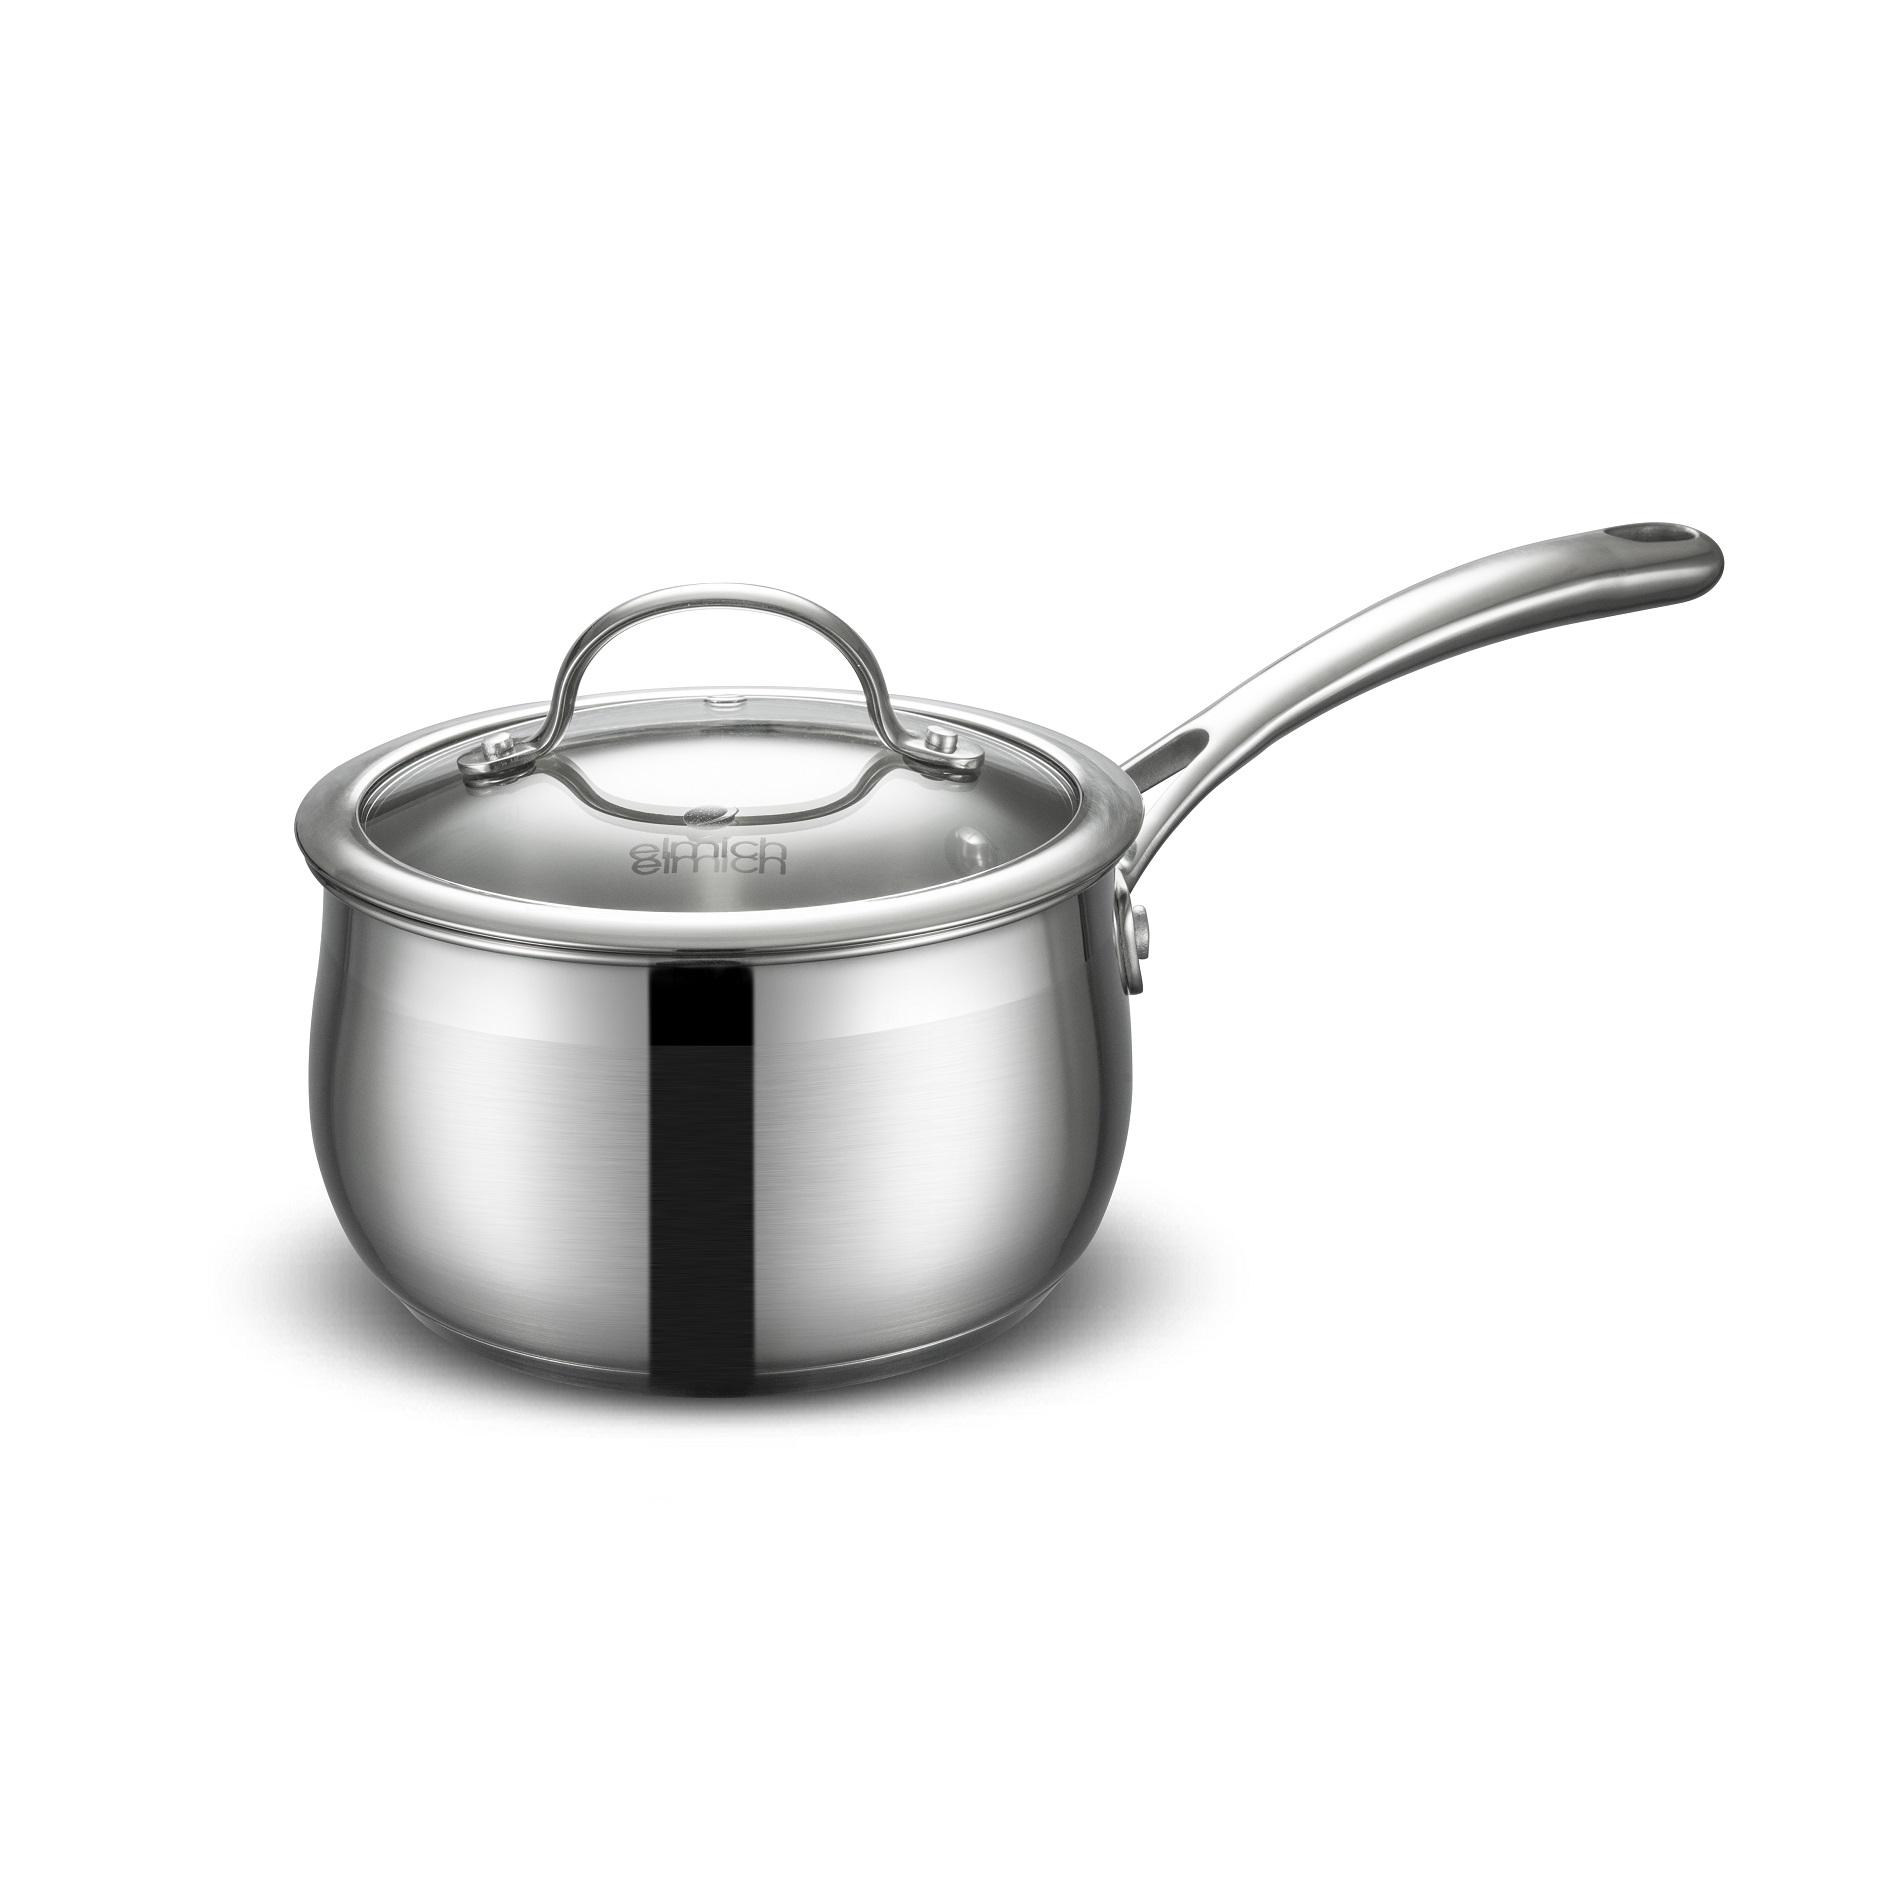 Bộ nồi chảo inox Elmich Diva EL-3246 dùng được cho tất cả các loại bếp